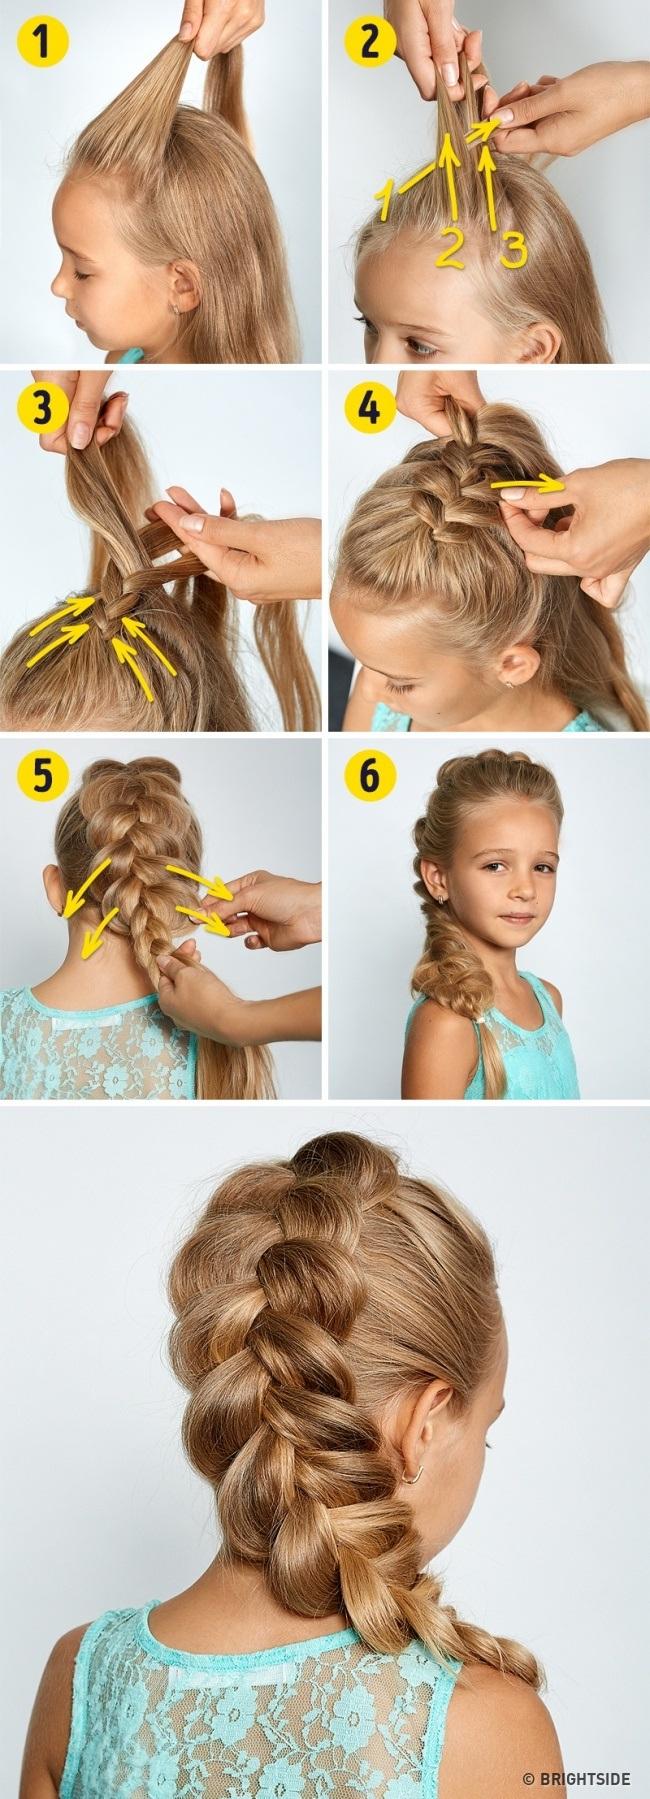 Voici les meilleures coiffures école pour votre petite fille | Coiffure simple et facile